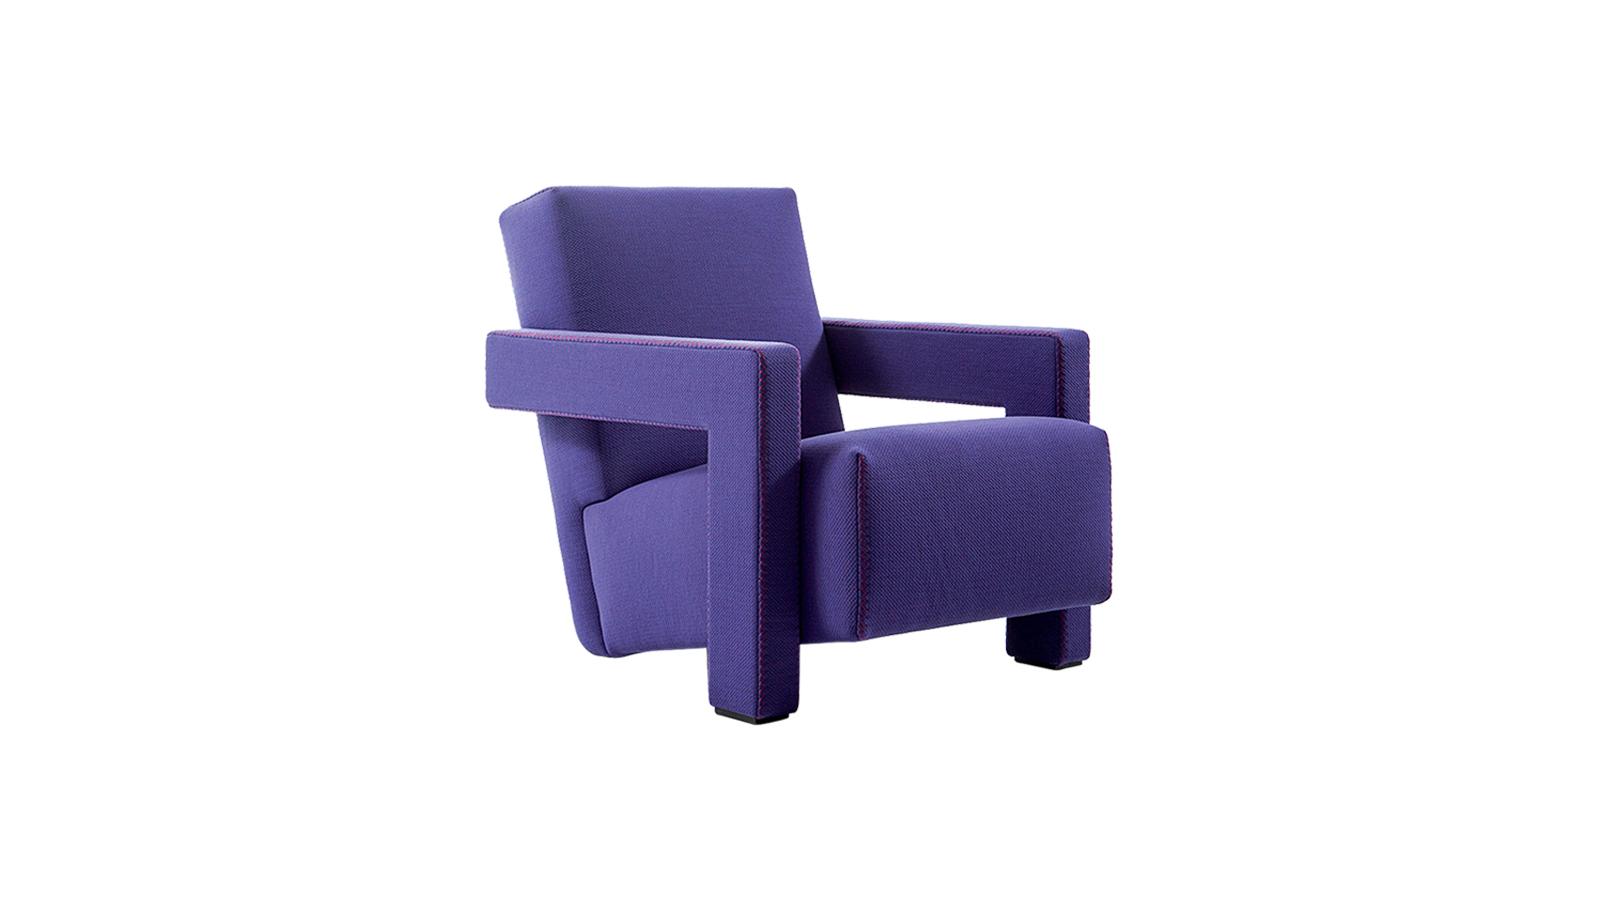 A Cassina 637 Utrecht széke Gerrit Rietveld tervezésében a De Stijl tárgytervezés ikonikus darabjává vált. Rietvelt experimentális megközelítése a tárgy eredendő, klasszikus felépítését a megszokottól elmozdítja, kifordítja: így jön létre egy olyan szék, amelynek megnyújtott kartámlája lábként is funkcionál, és amelynek a megdöntött ülőlapja is tartóelemmé válik. Úgy látszik, a lábak elhagyásával is lehet stabil széket tervezni!